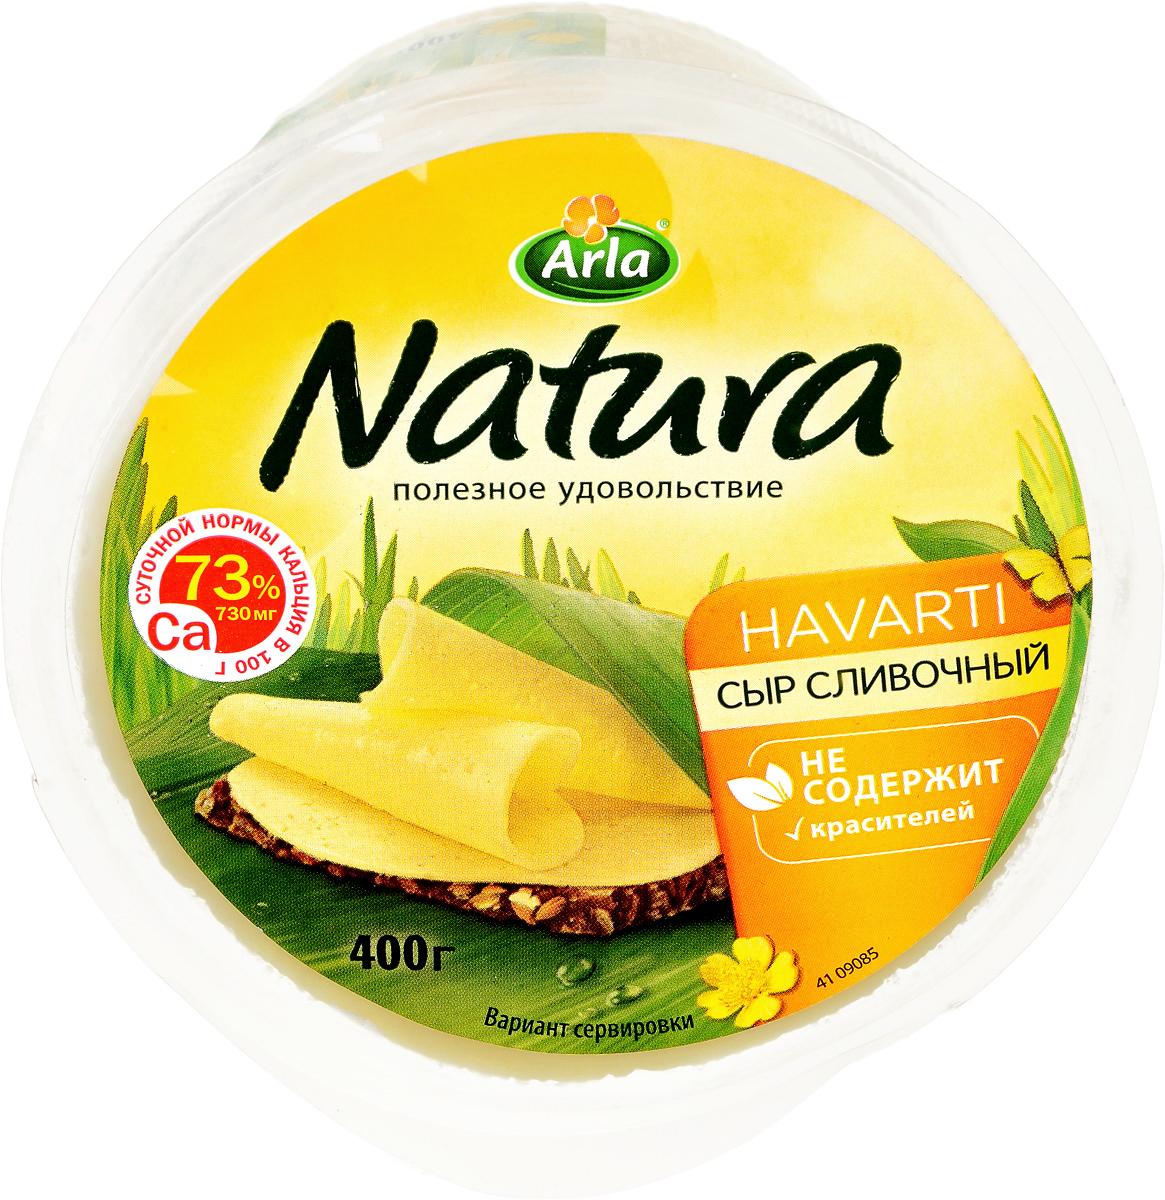 Arla Natura Сыр Сливочный, 45%, 400 г приманка для вредителей родемос мыши вон сыр 100 г